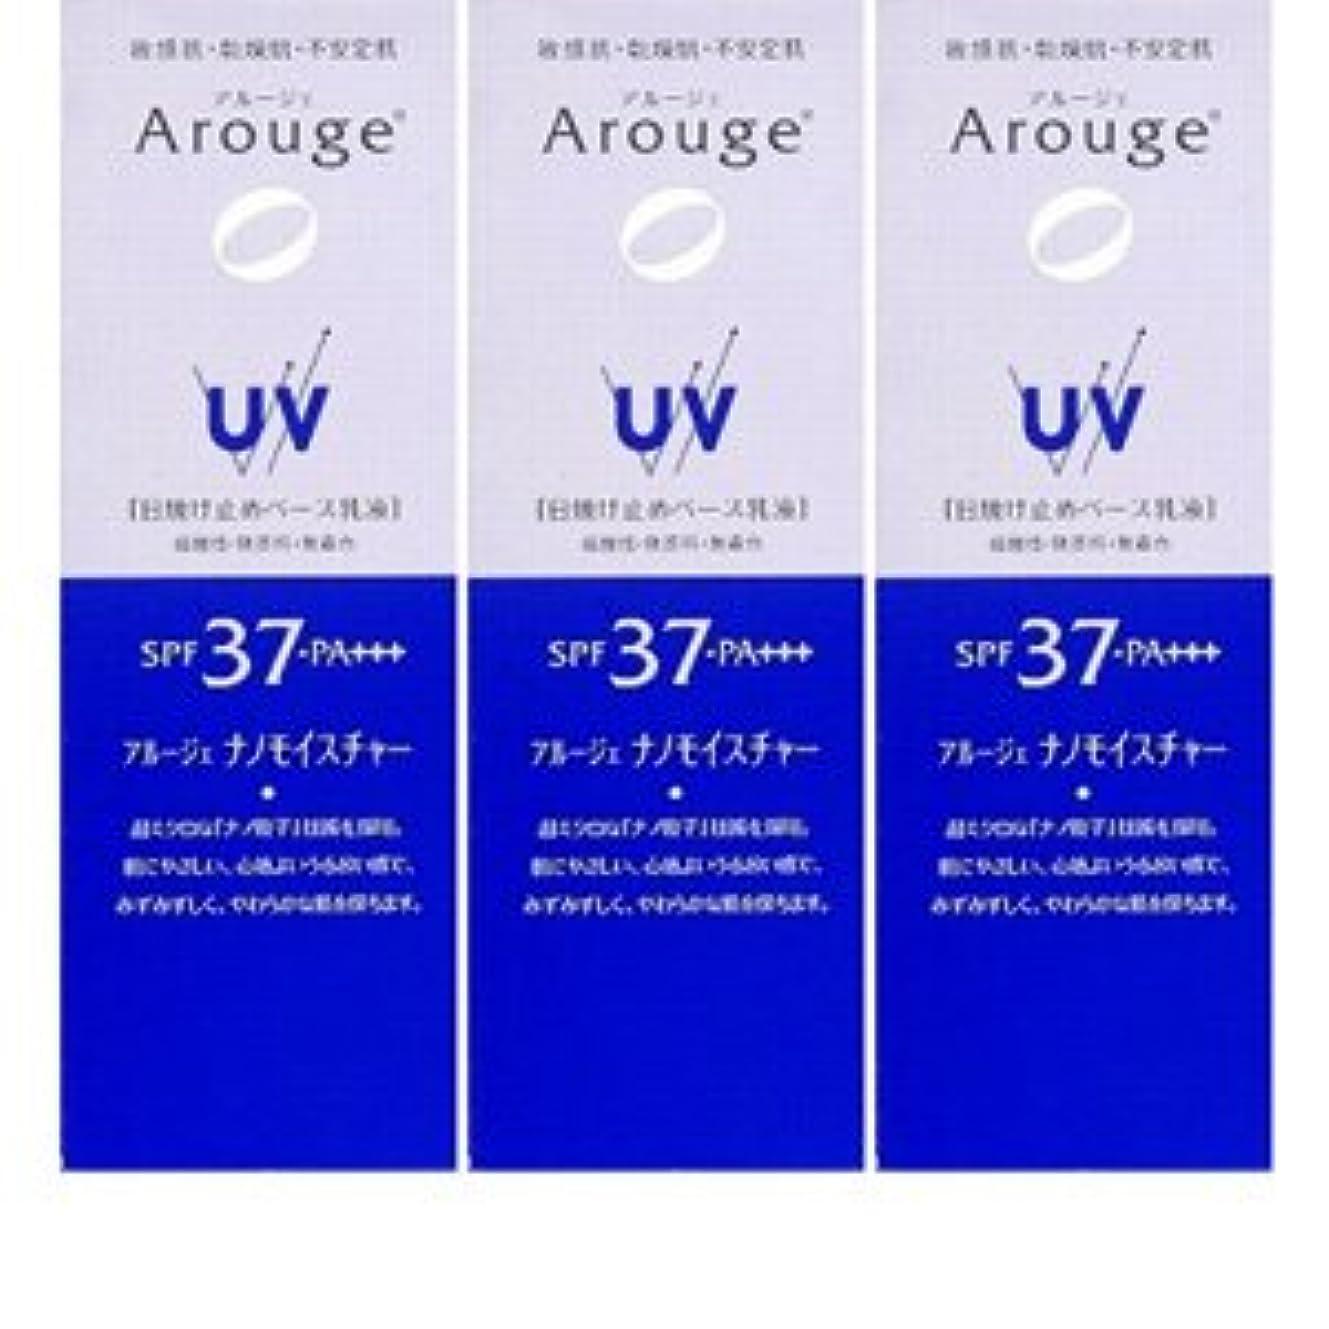 世紀フェデレーション言い訳【3個】アルージェ UVプロテクトビューティーアップ 25gx3個(4987305952912)